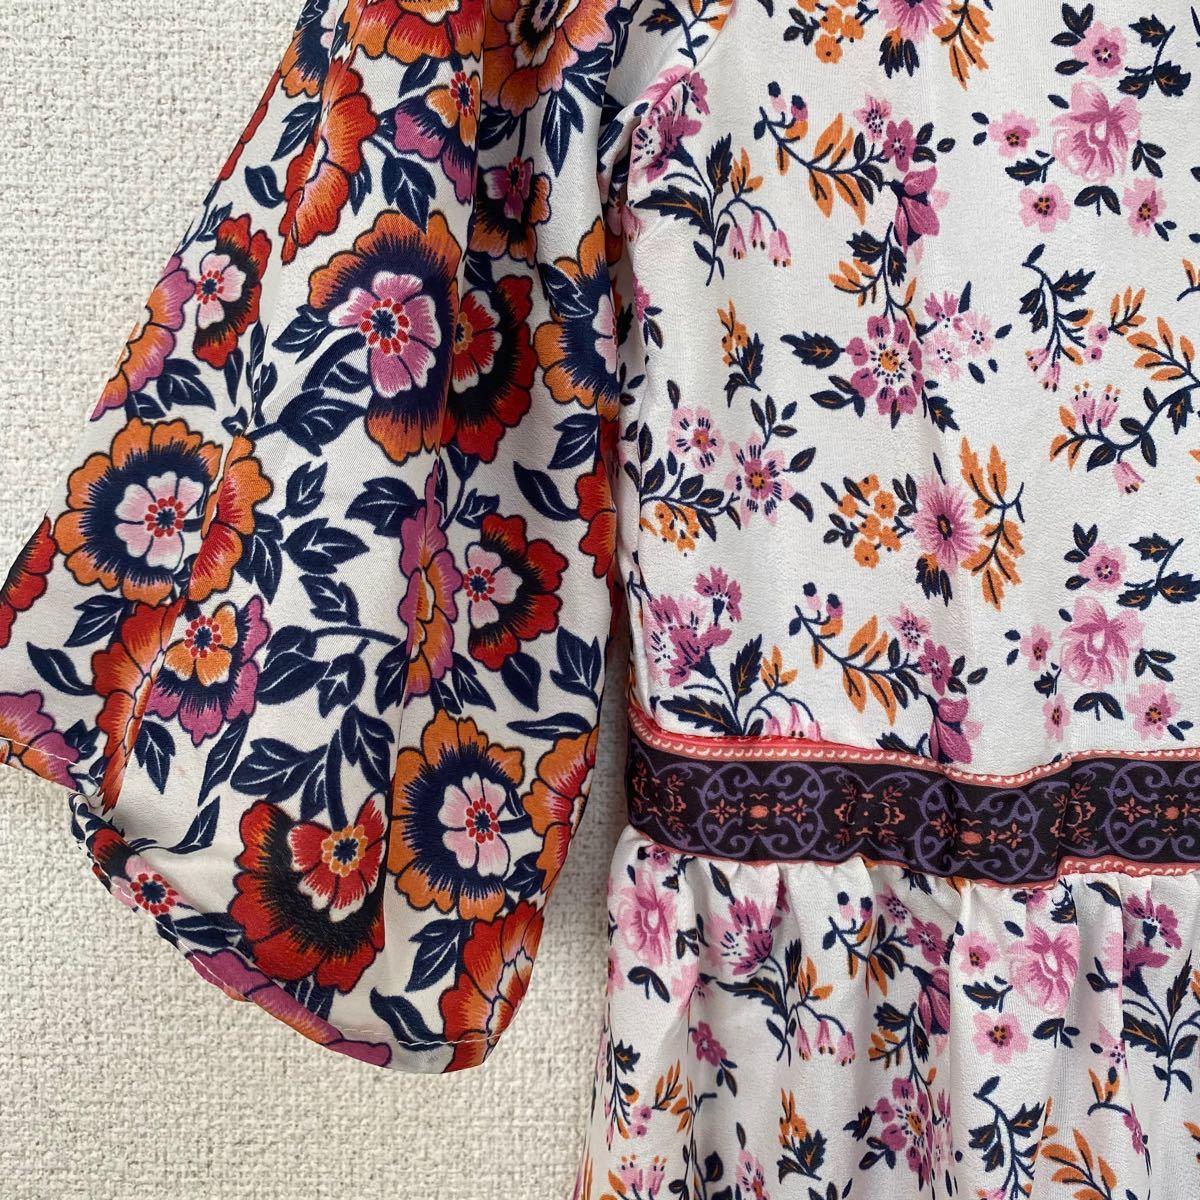 ワンピース 韓国 レディース 花柄 ロングワンピース インポート 花柄ワンピース シャツ ロングシャツ 夏 ロングスカート L